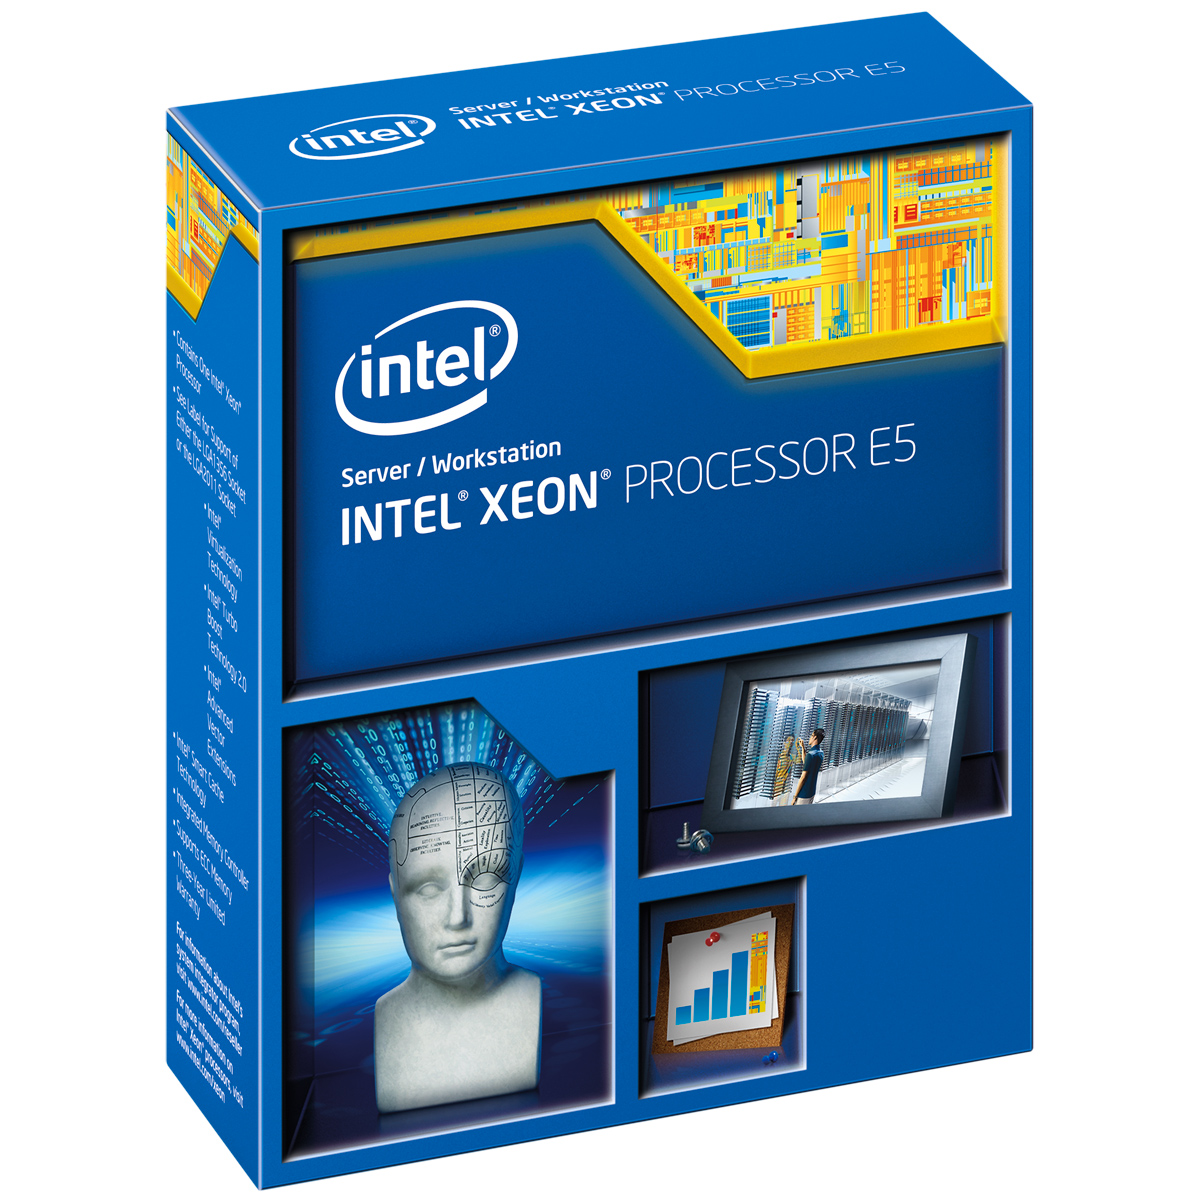 Processeur Intel Xeon E5-1620 v3 (3.5 GHz) Processeur Quad-Core Socket 2011-3 DMI 5GT/s Cache 10 Mo 0.022 micron (version boîte/sans ventilateur - garantie Intel 3 ans)